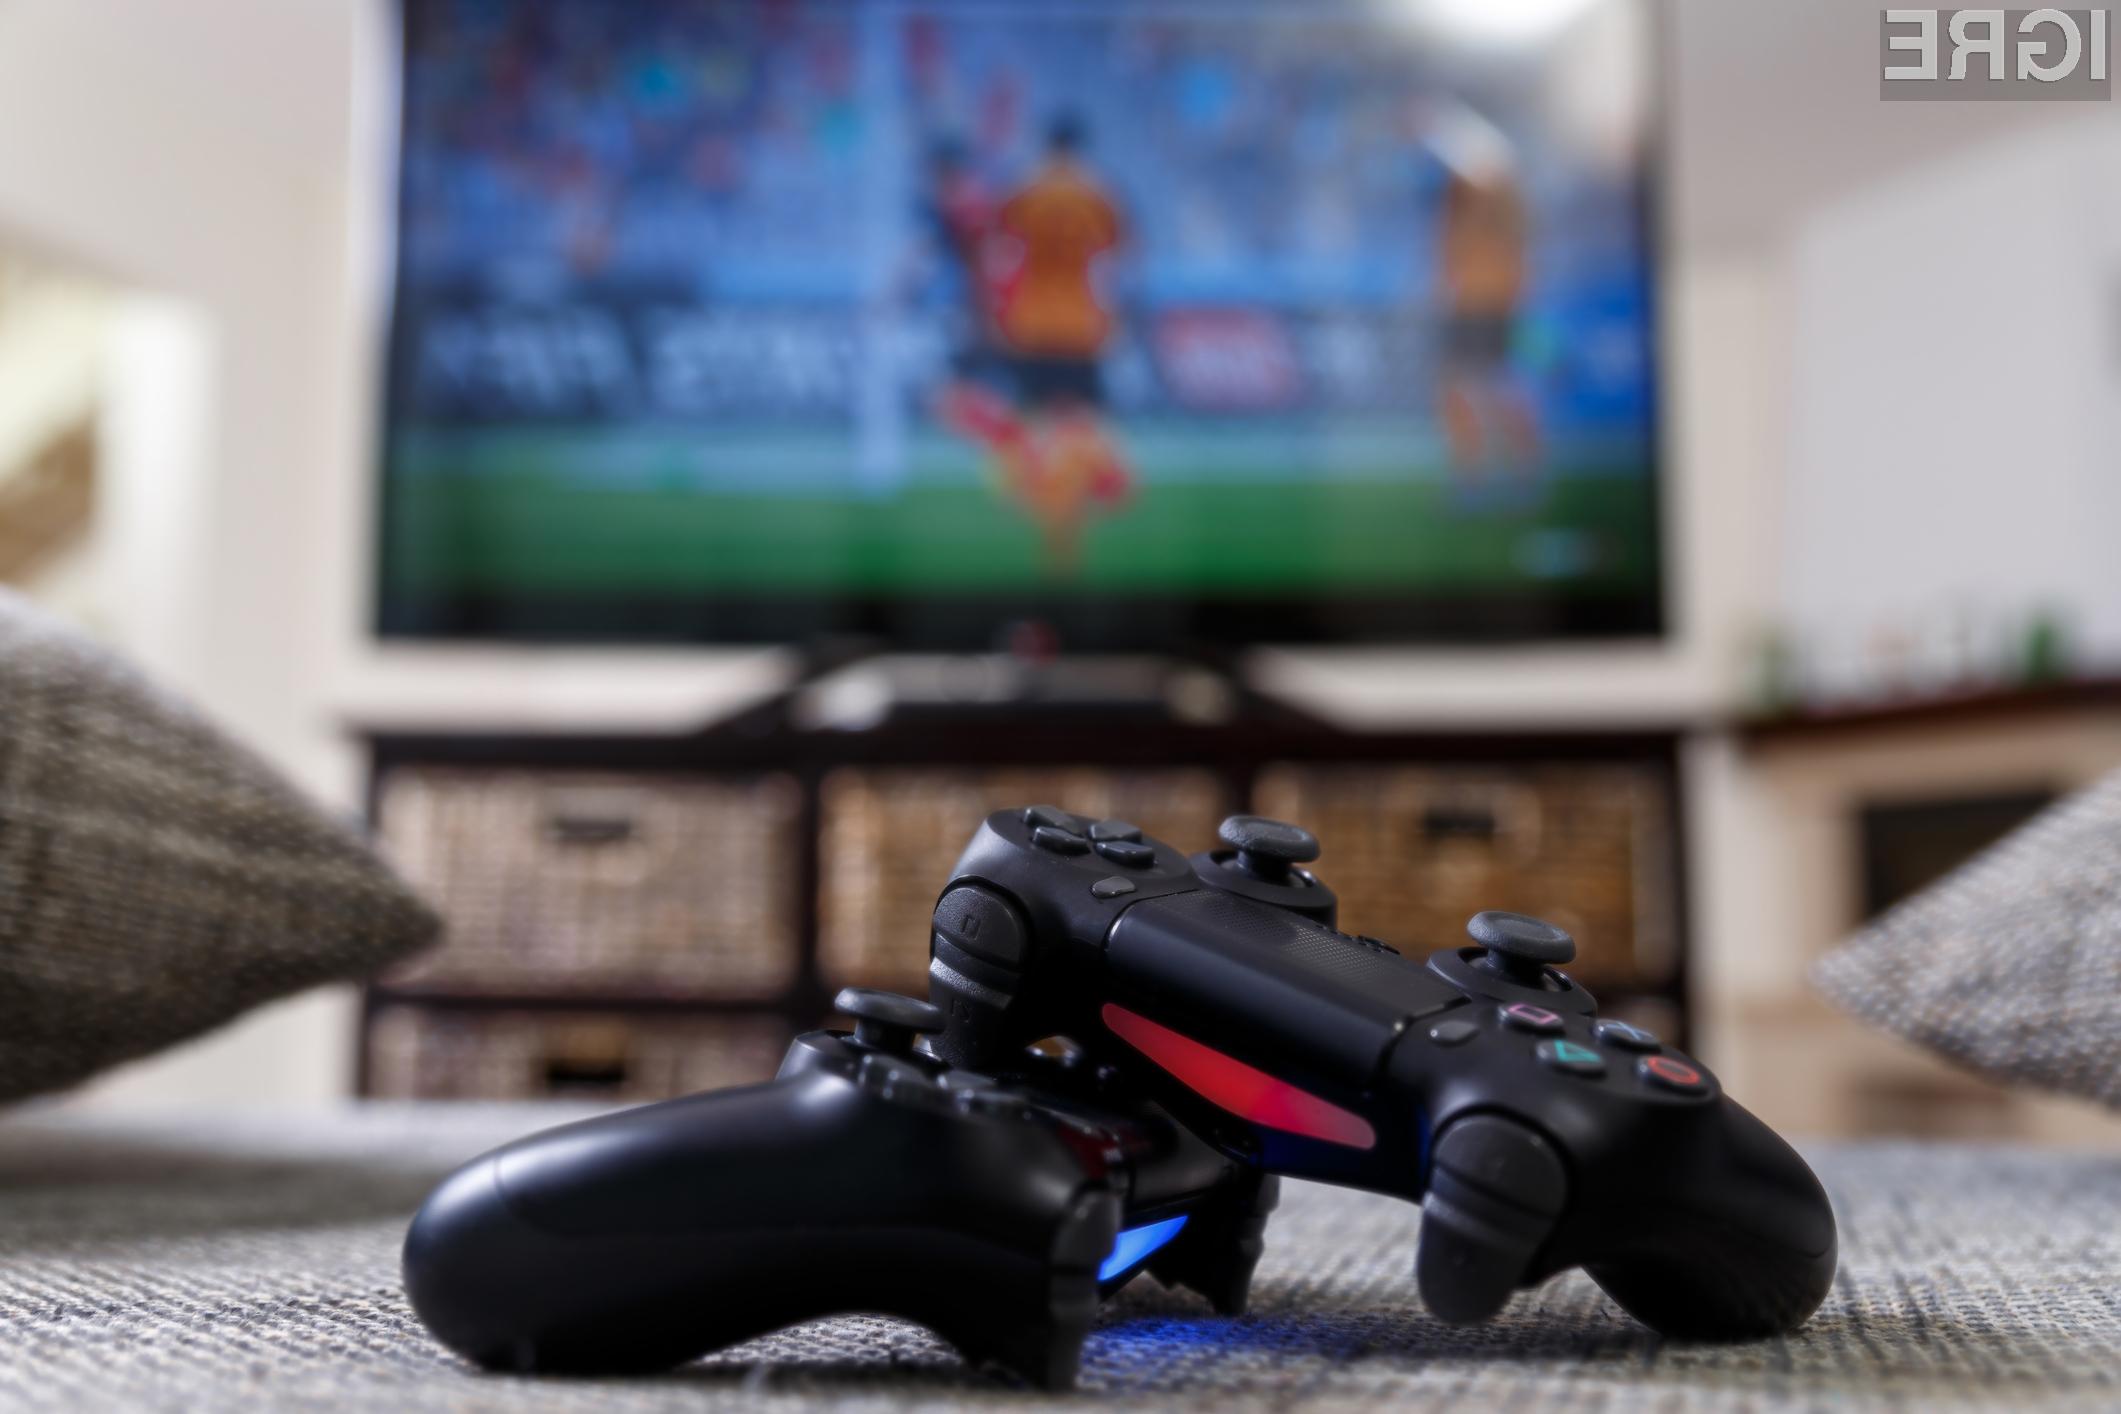 61474335-videoigre-gaming-konzola.jpg